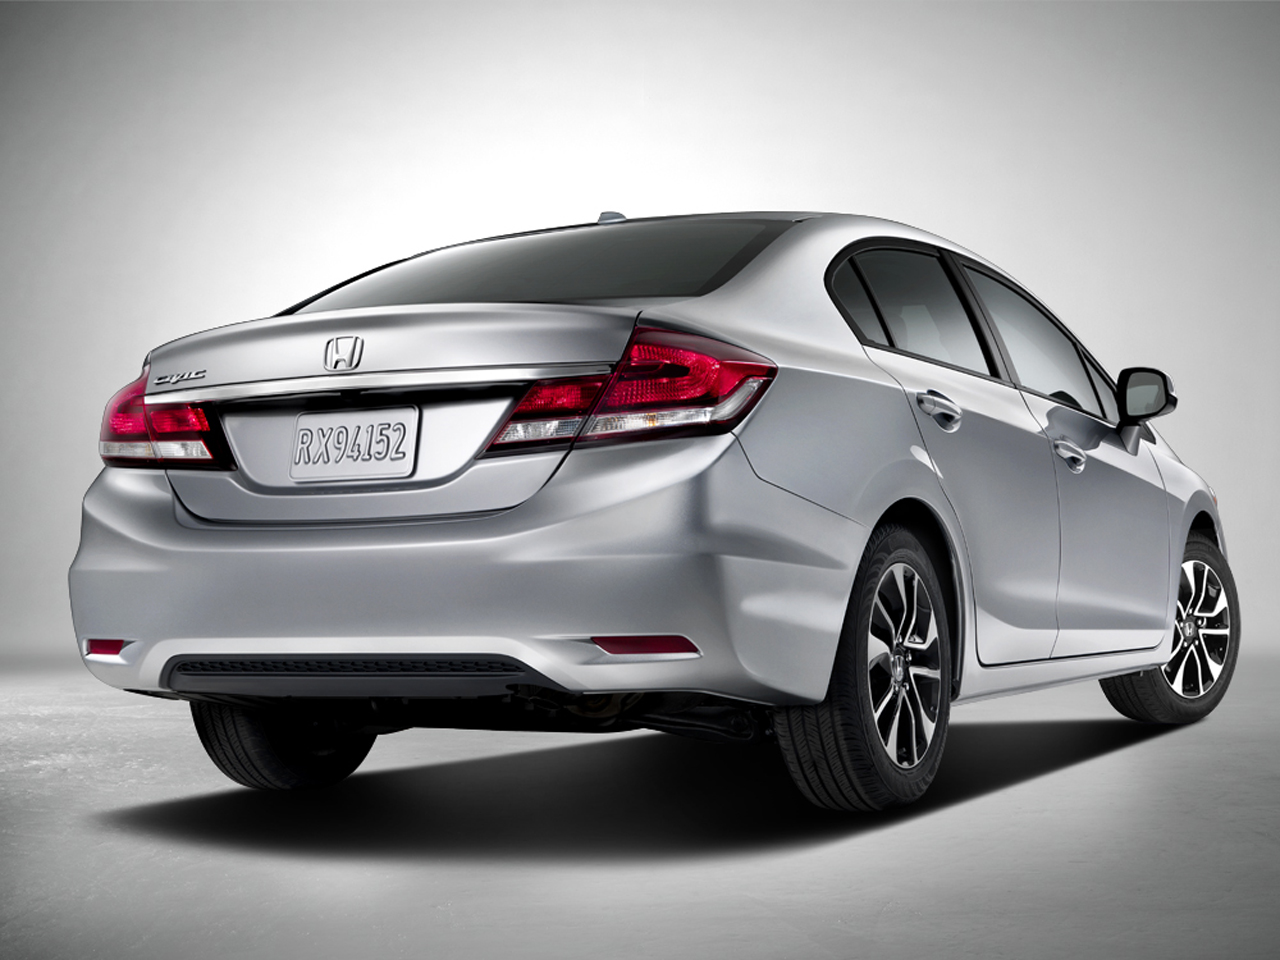 Civic Honda 2013